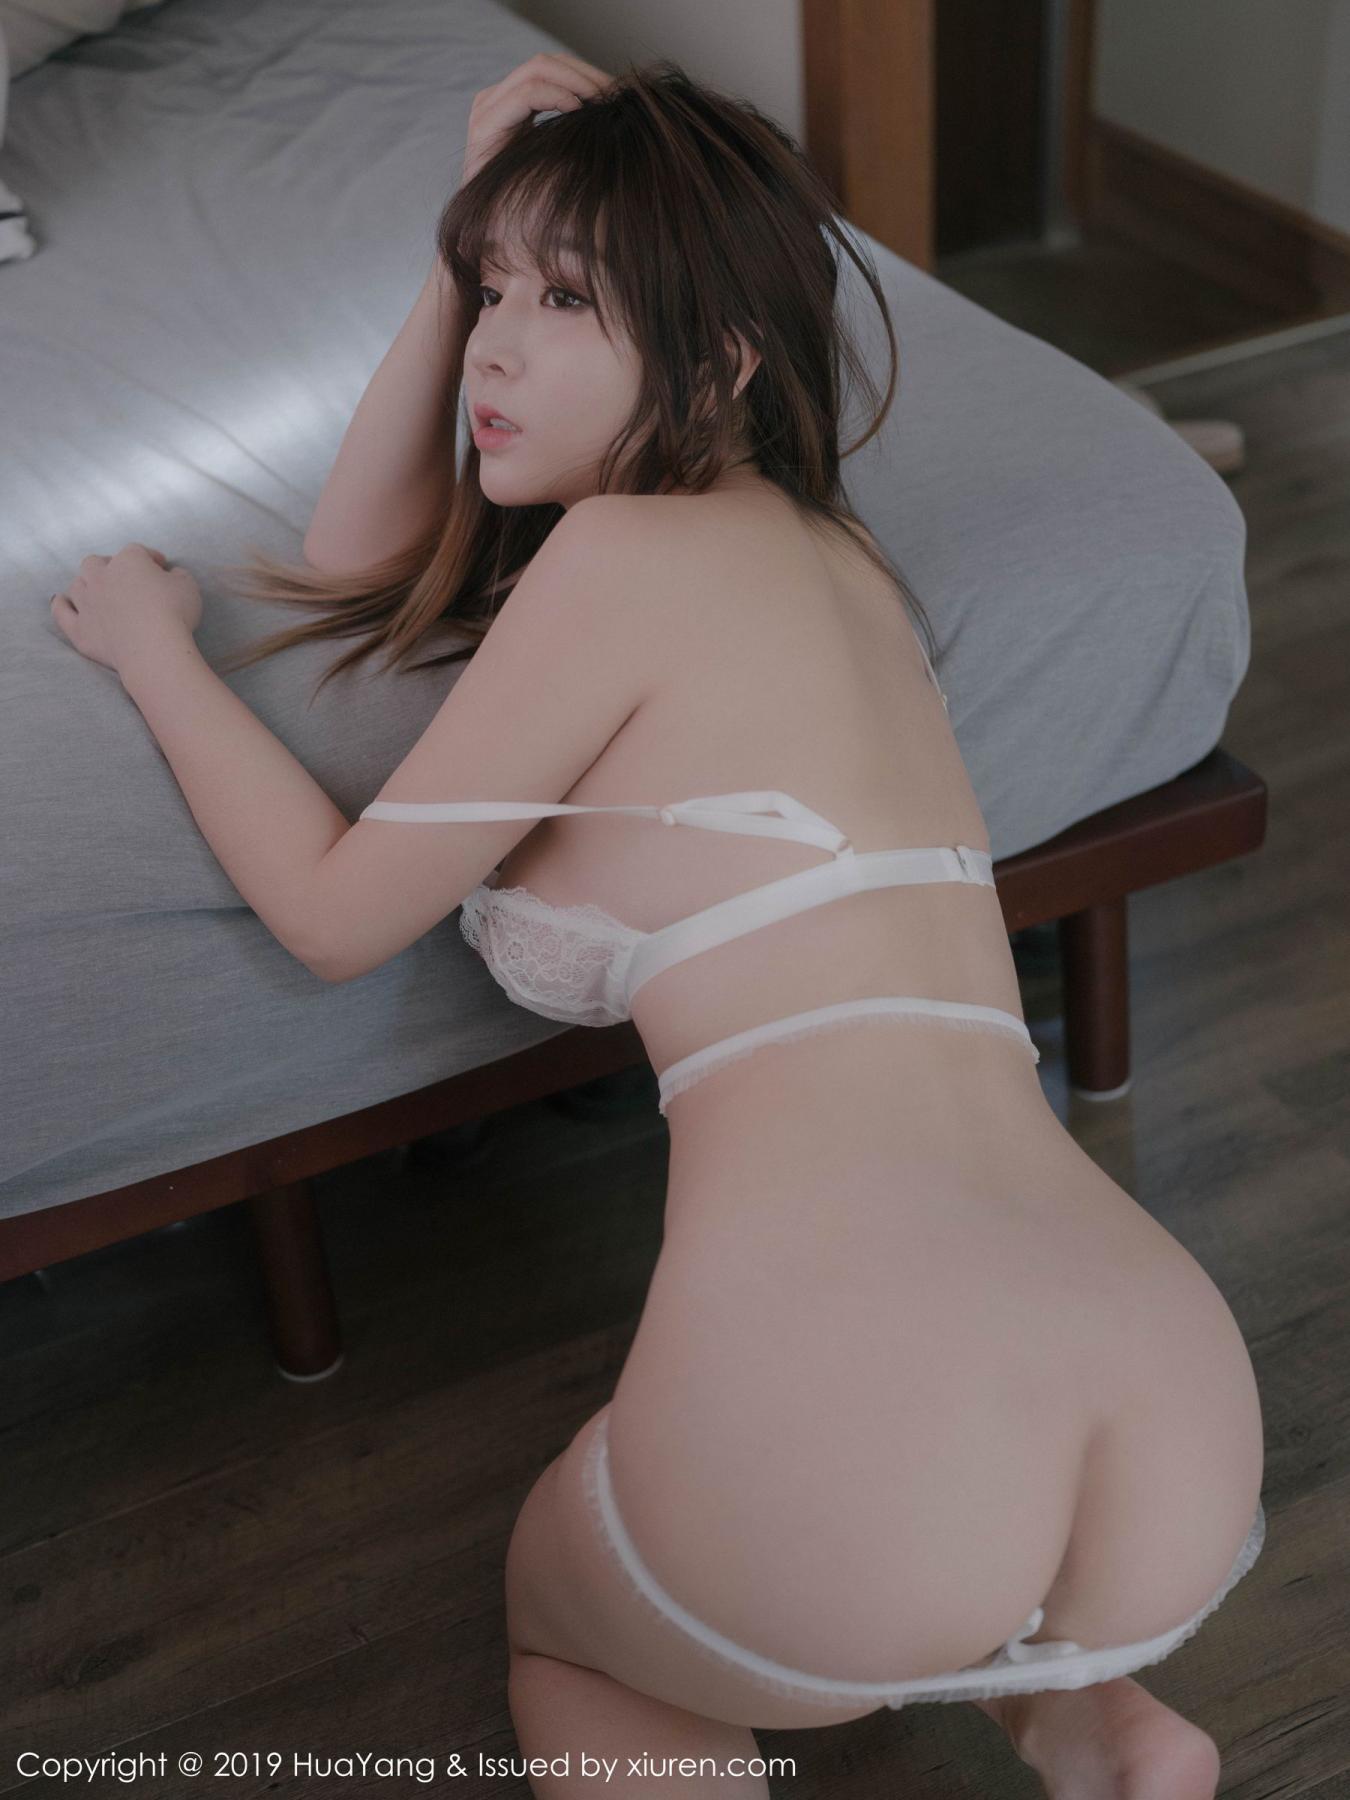 [Huayang] Vol.120 Wang Yu Chun 6P, Adult, Big Booty, HuaYang, Underwear, Wang Yu Chun